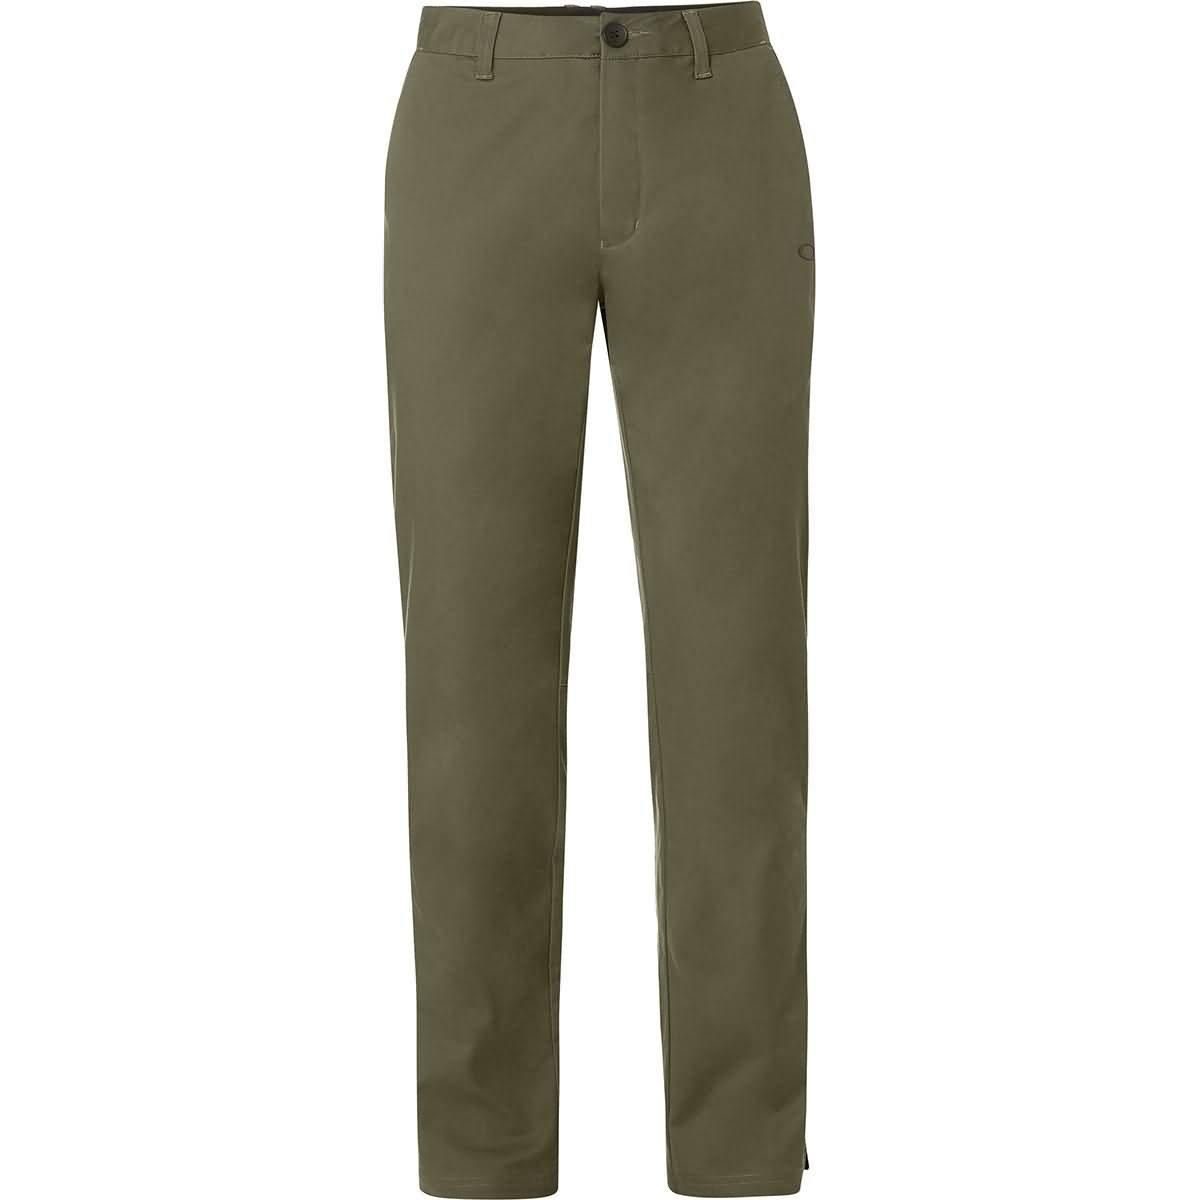 Oakley Men's Chino Icon Golf Pant, Dark Brush, 38 by Oakley